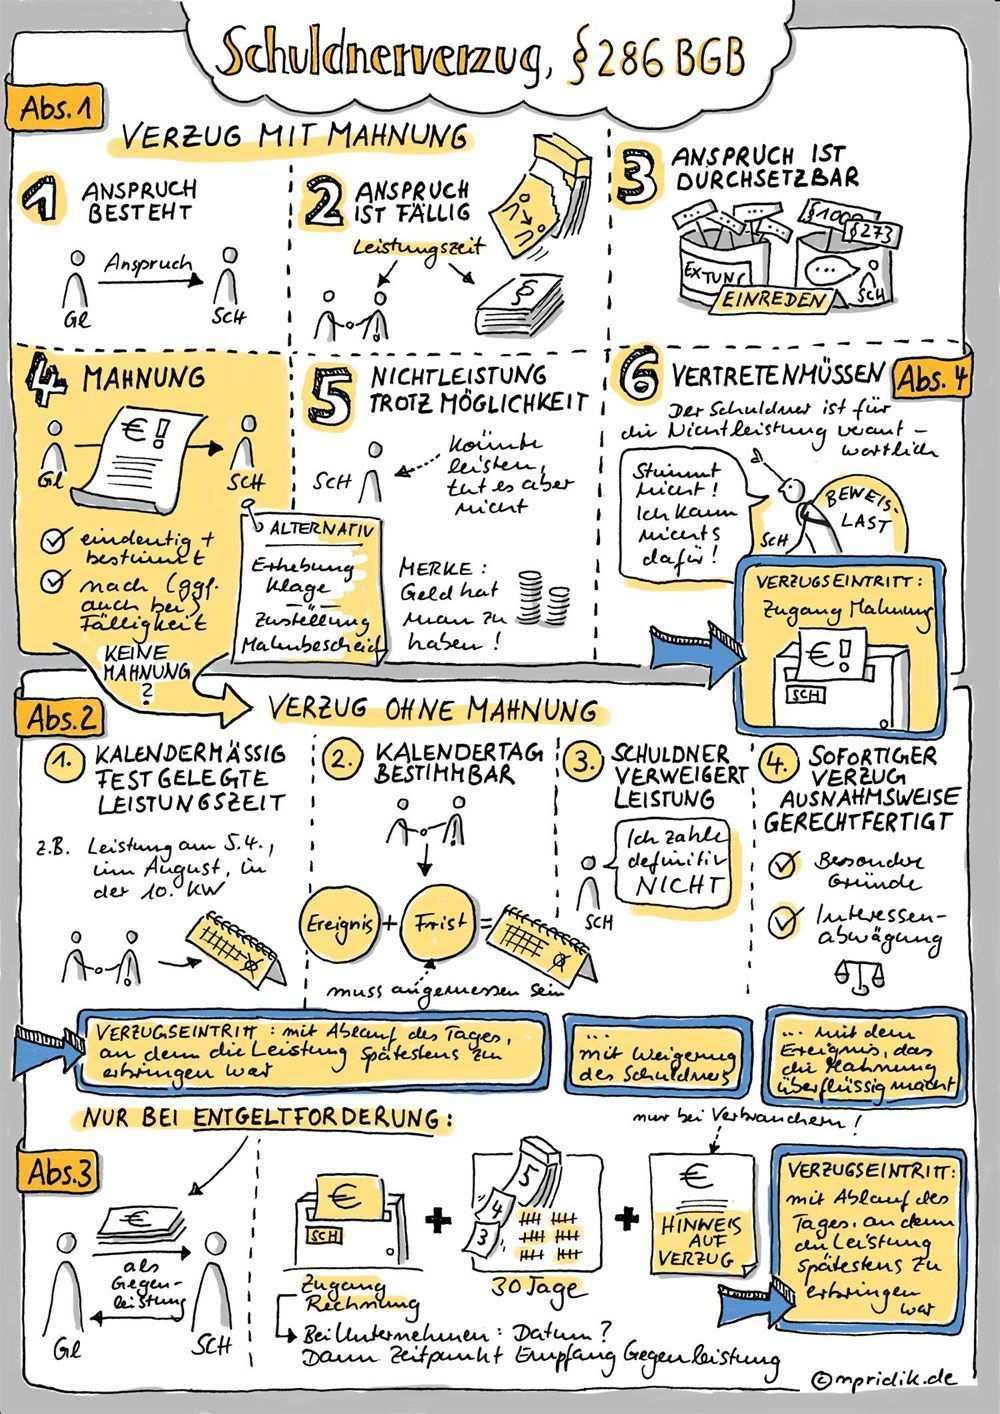 Sketchnote Zum Schuldnerverzug 286 Bgb Sketchnotes Recht Sketch Note Studieren Studieren Tipps